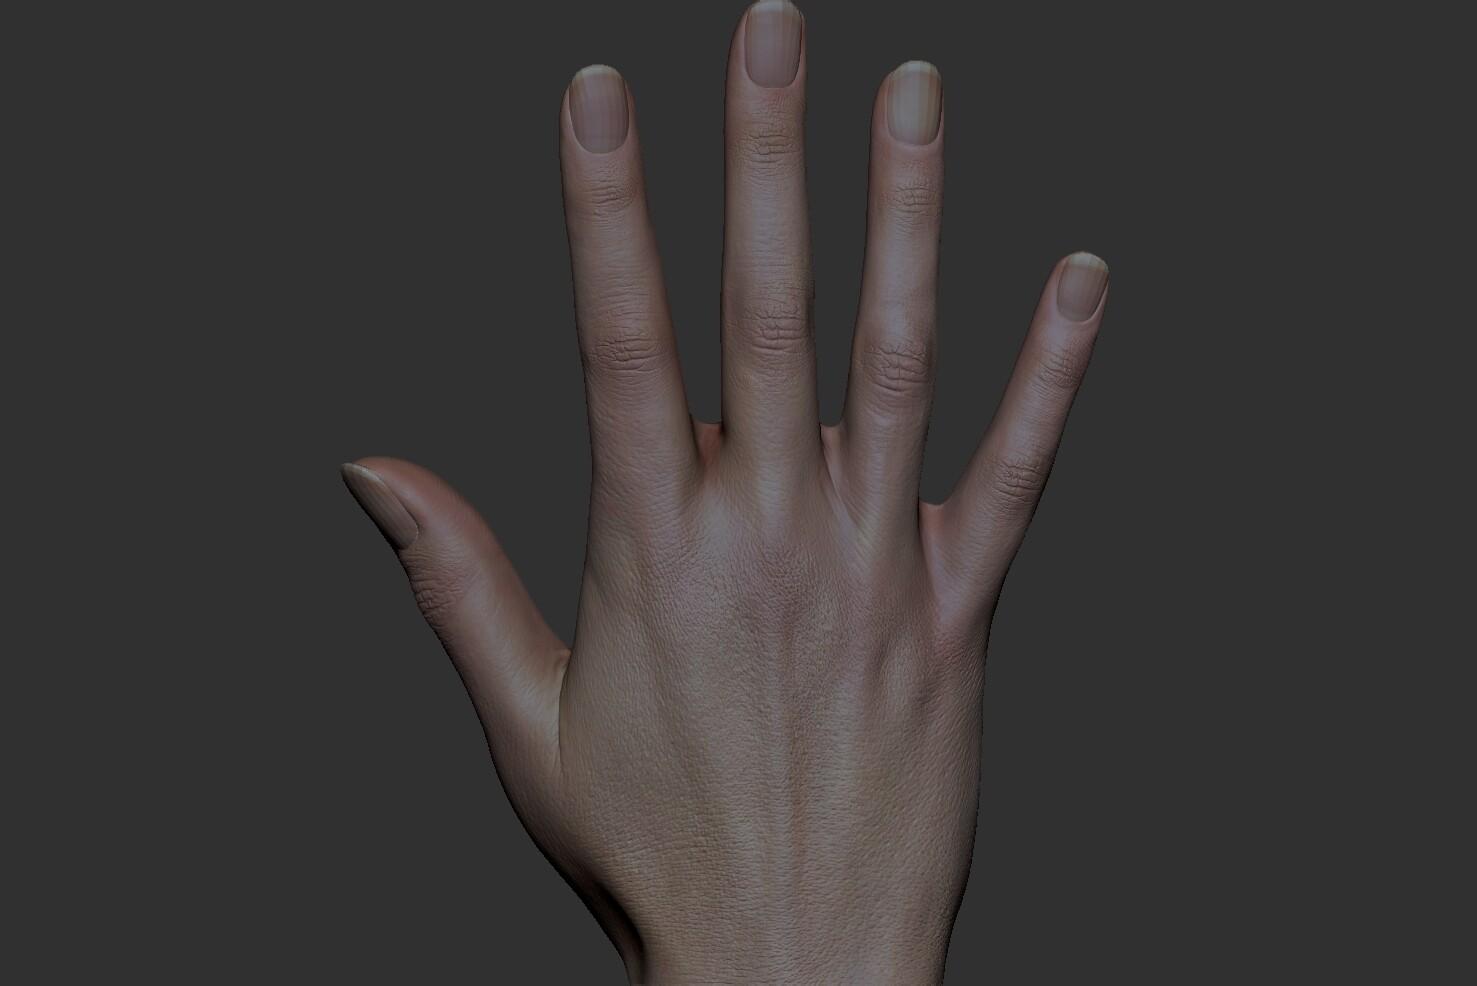 xyz textures 20's female hand